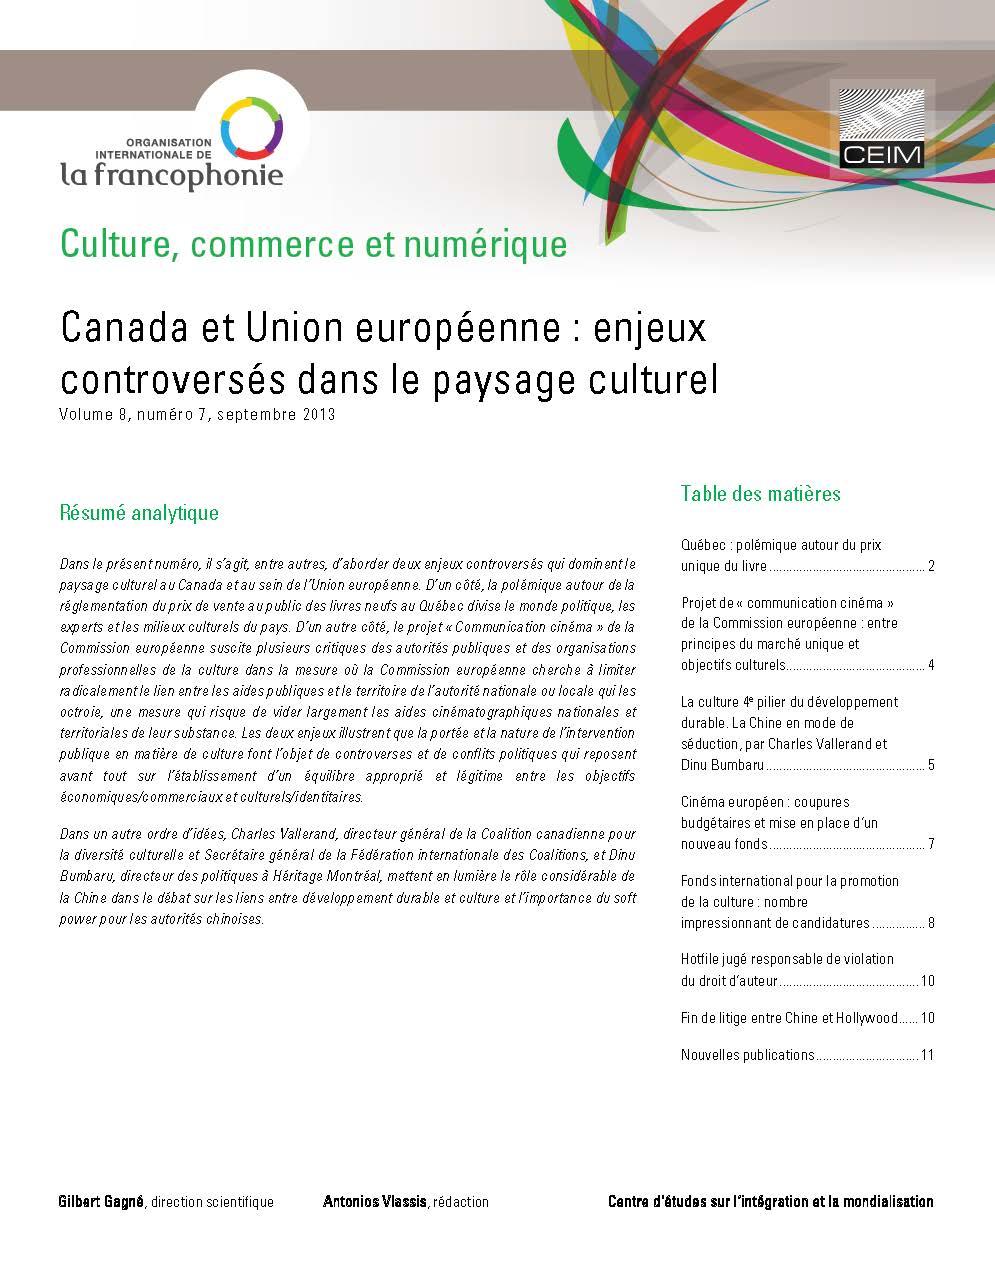 Canada et Union européenne: enjeux controversés dans le paysage culturel